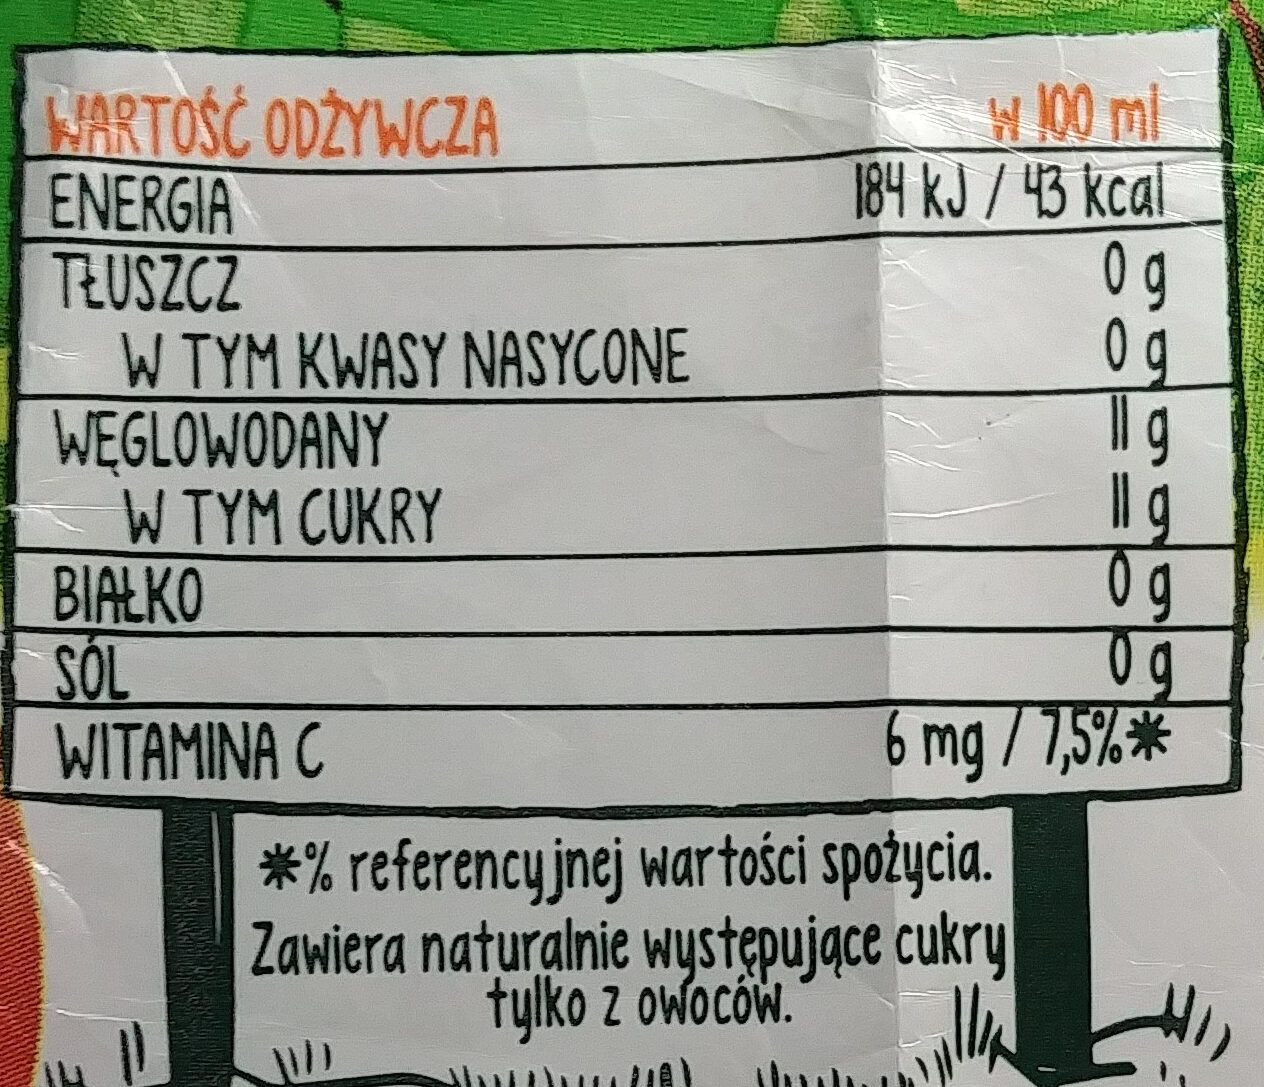 Sok jabłkowy - Wartości odżywcze - pl